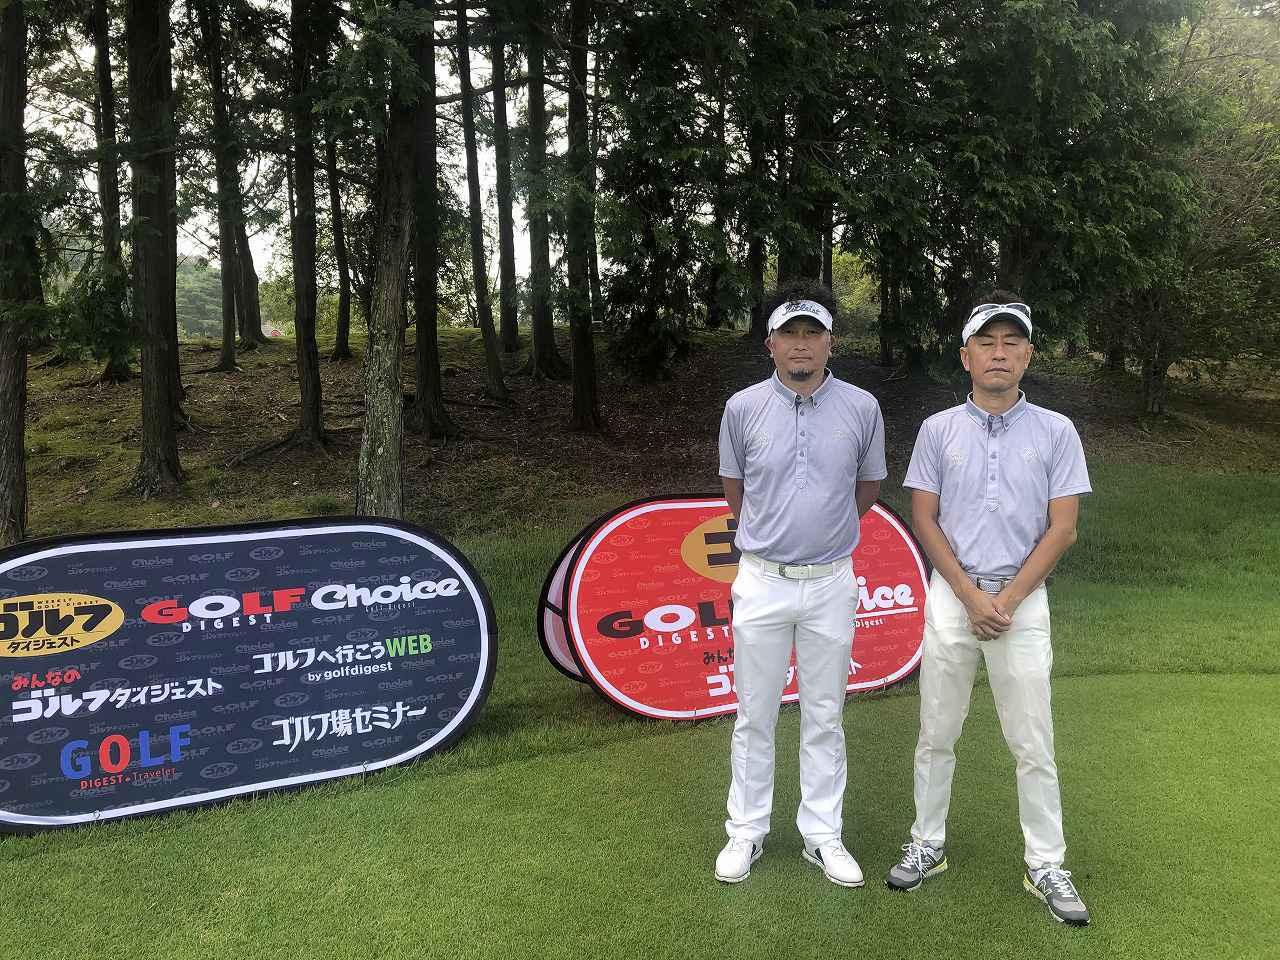 画像4: 全日本ダブルス結果! 2020年8月25日 関西B大会 ABCゴルフ倶楽部